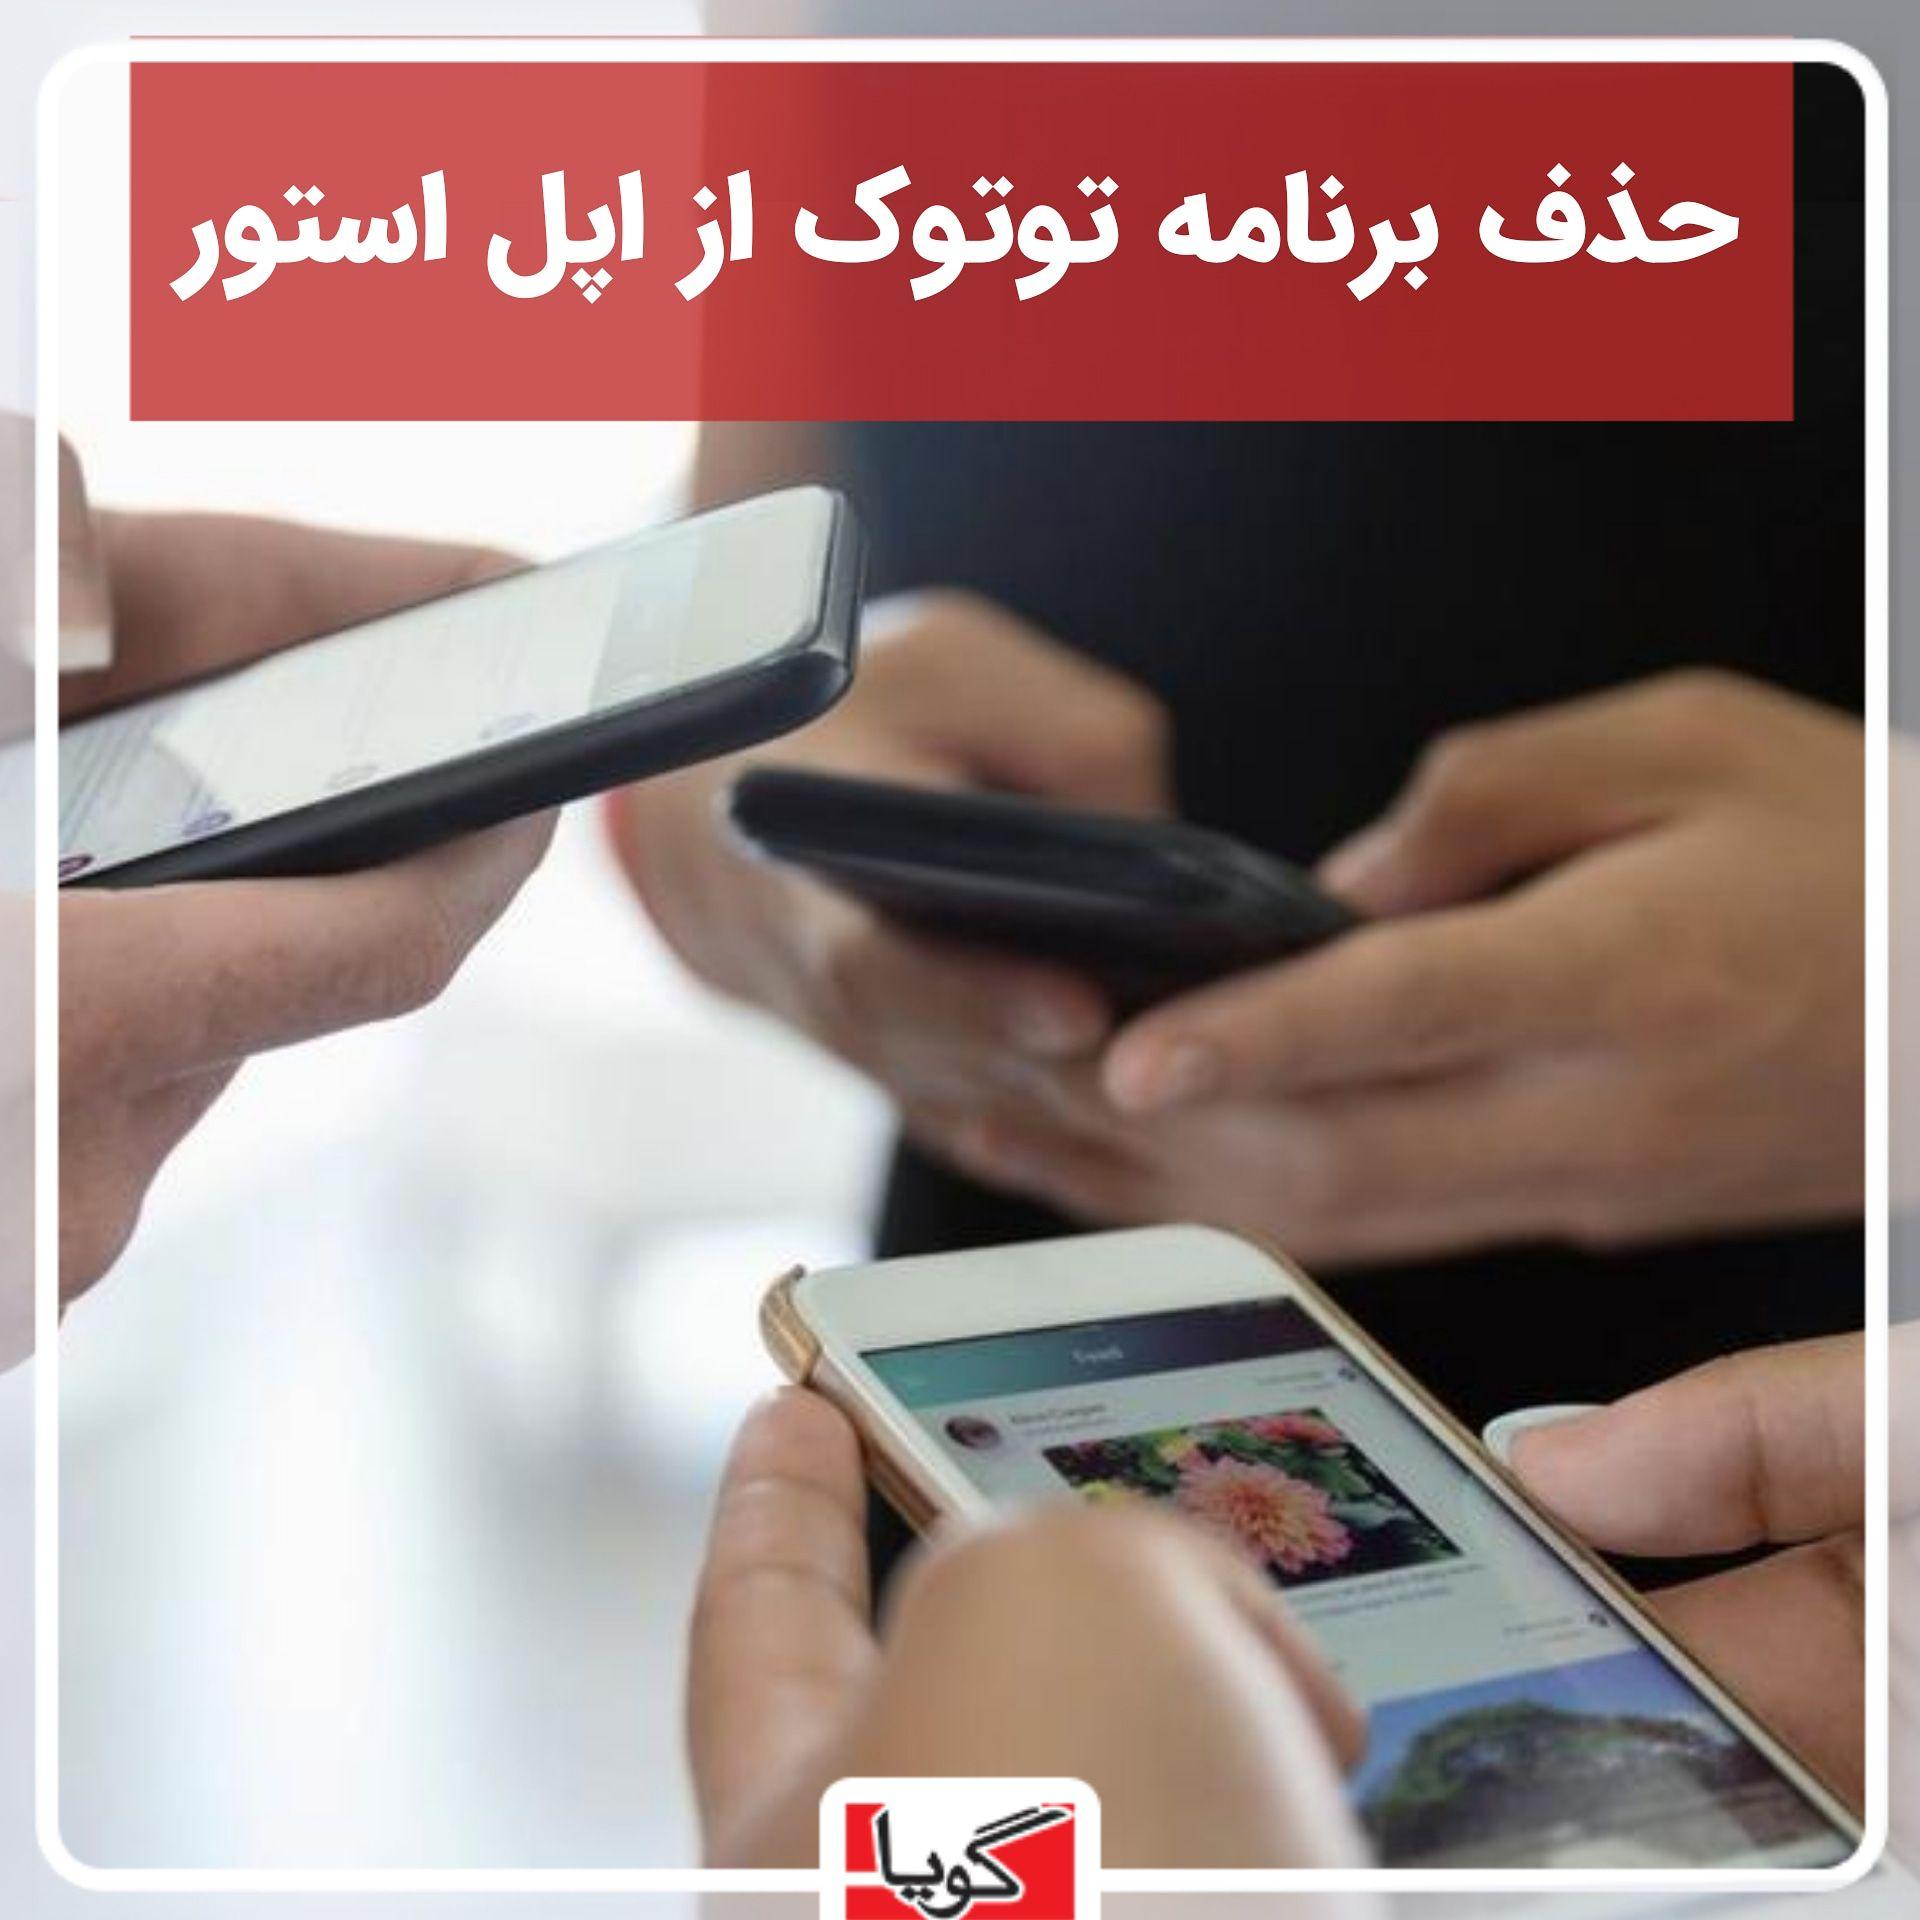 حذف برنامه توتوک از اپل استور ساکنان امارات نگران این هستند که برنامه رایگان تماس تصویری به طور دائم از Smart Watch Electronic Products Mp3 Player